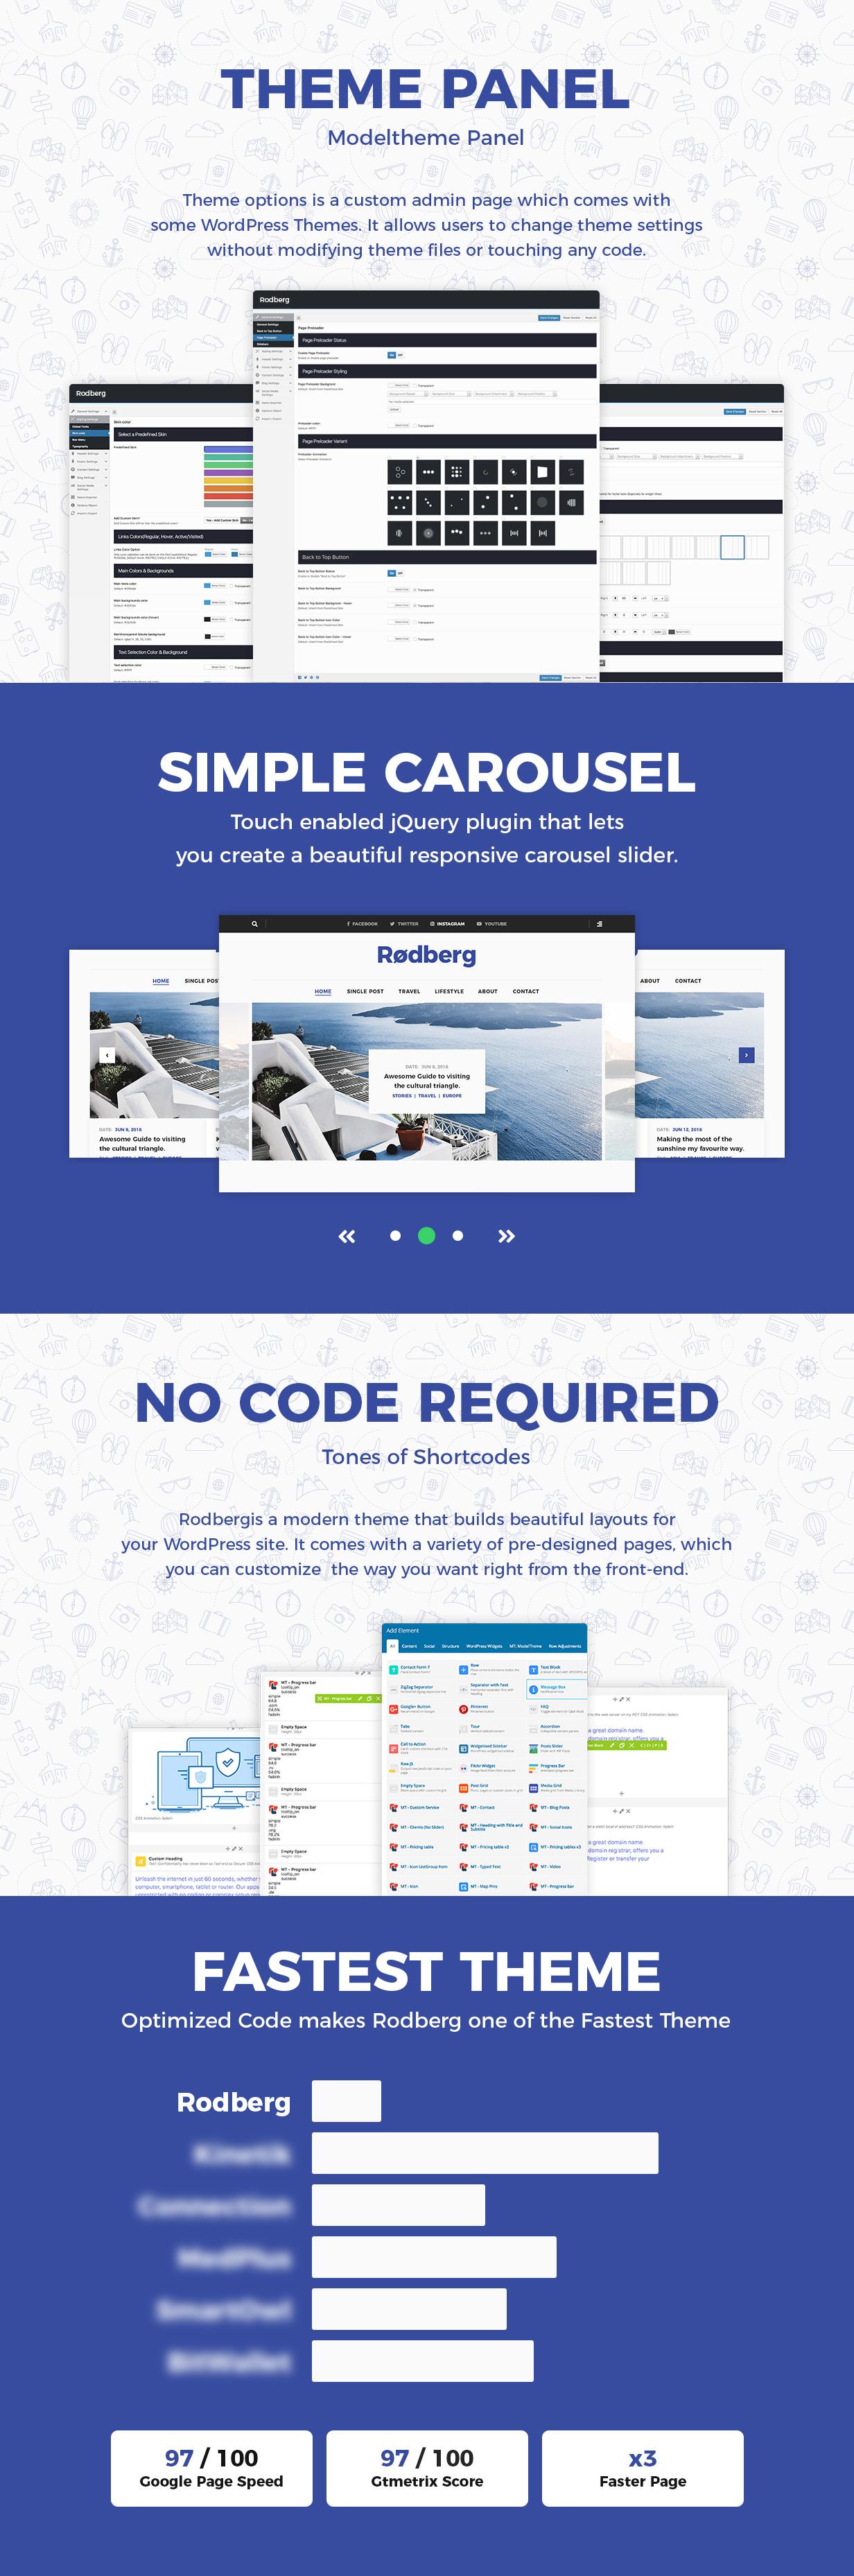 Rodberg - Reiseblog WordPress Theme - 4